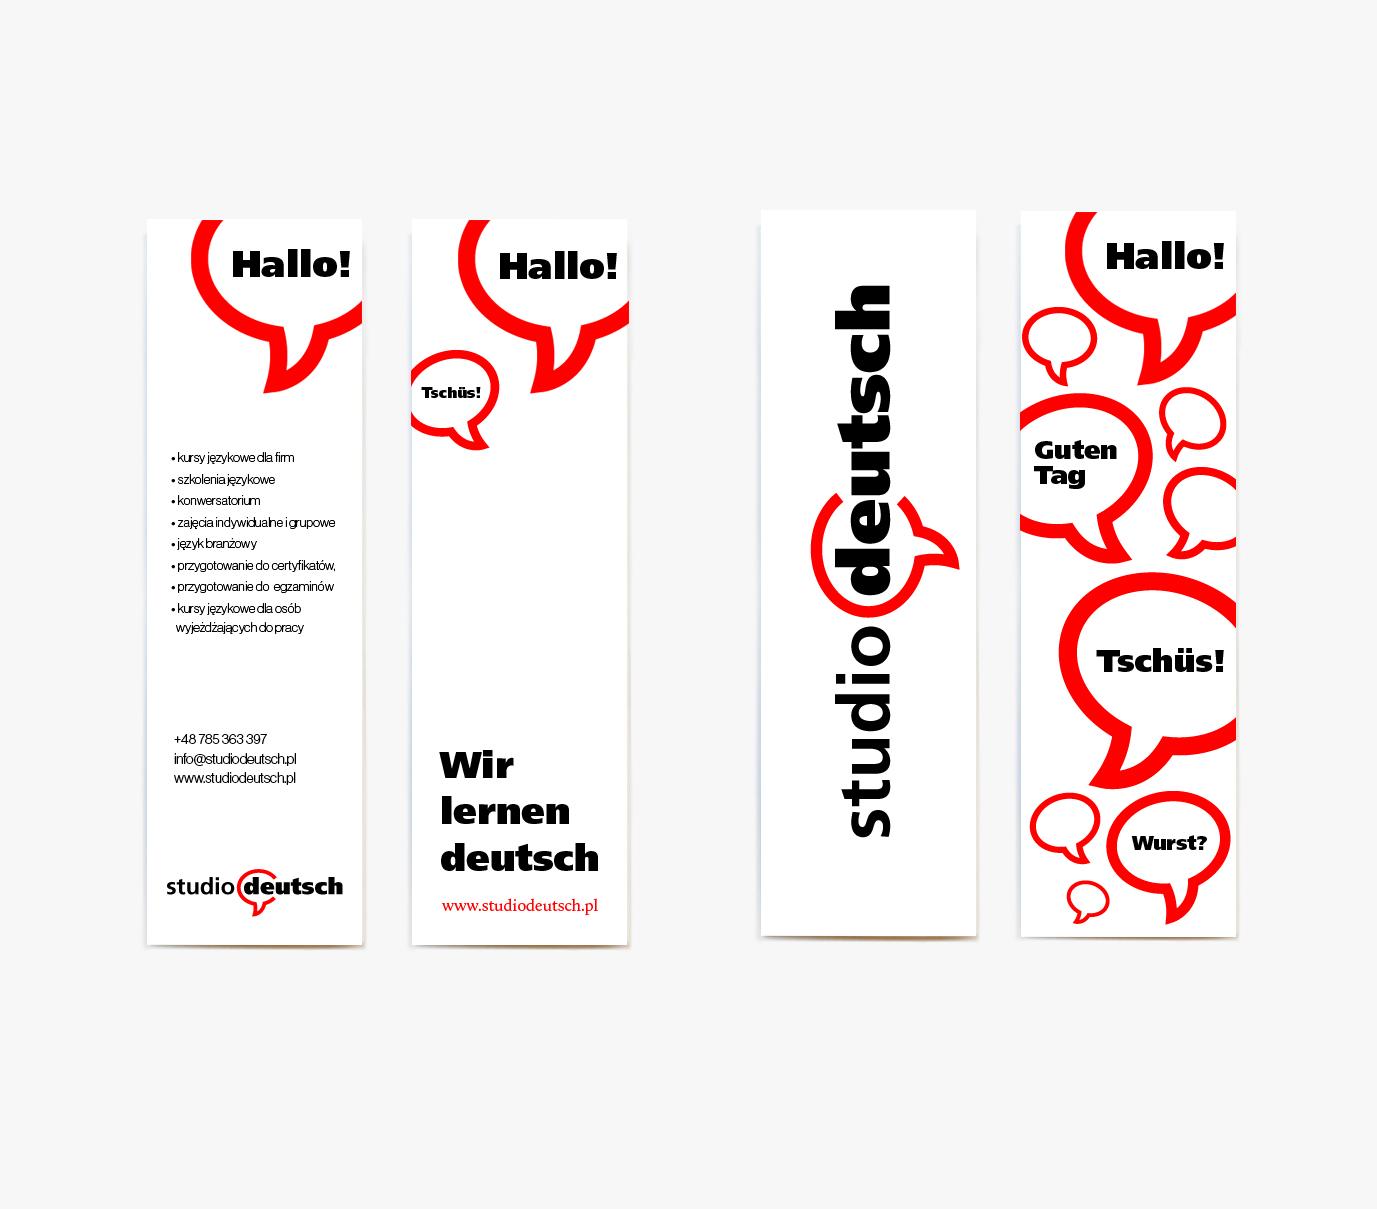 studio_deutsch_chmurka_zakladki